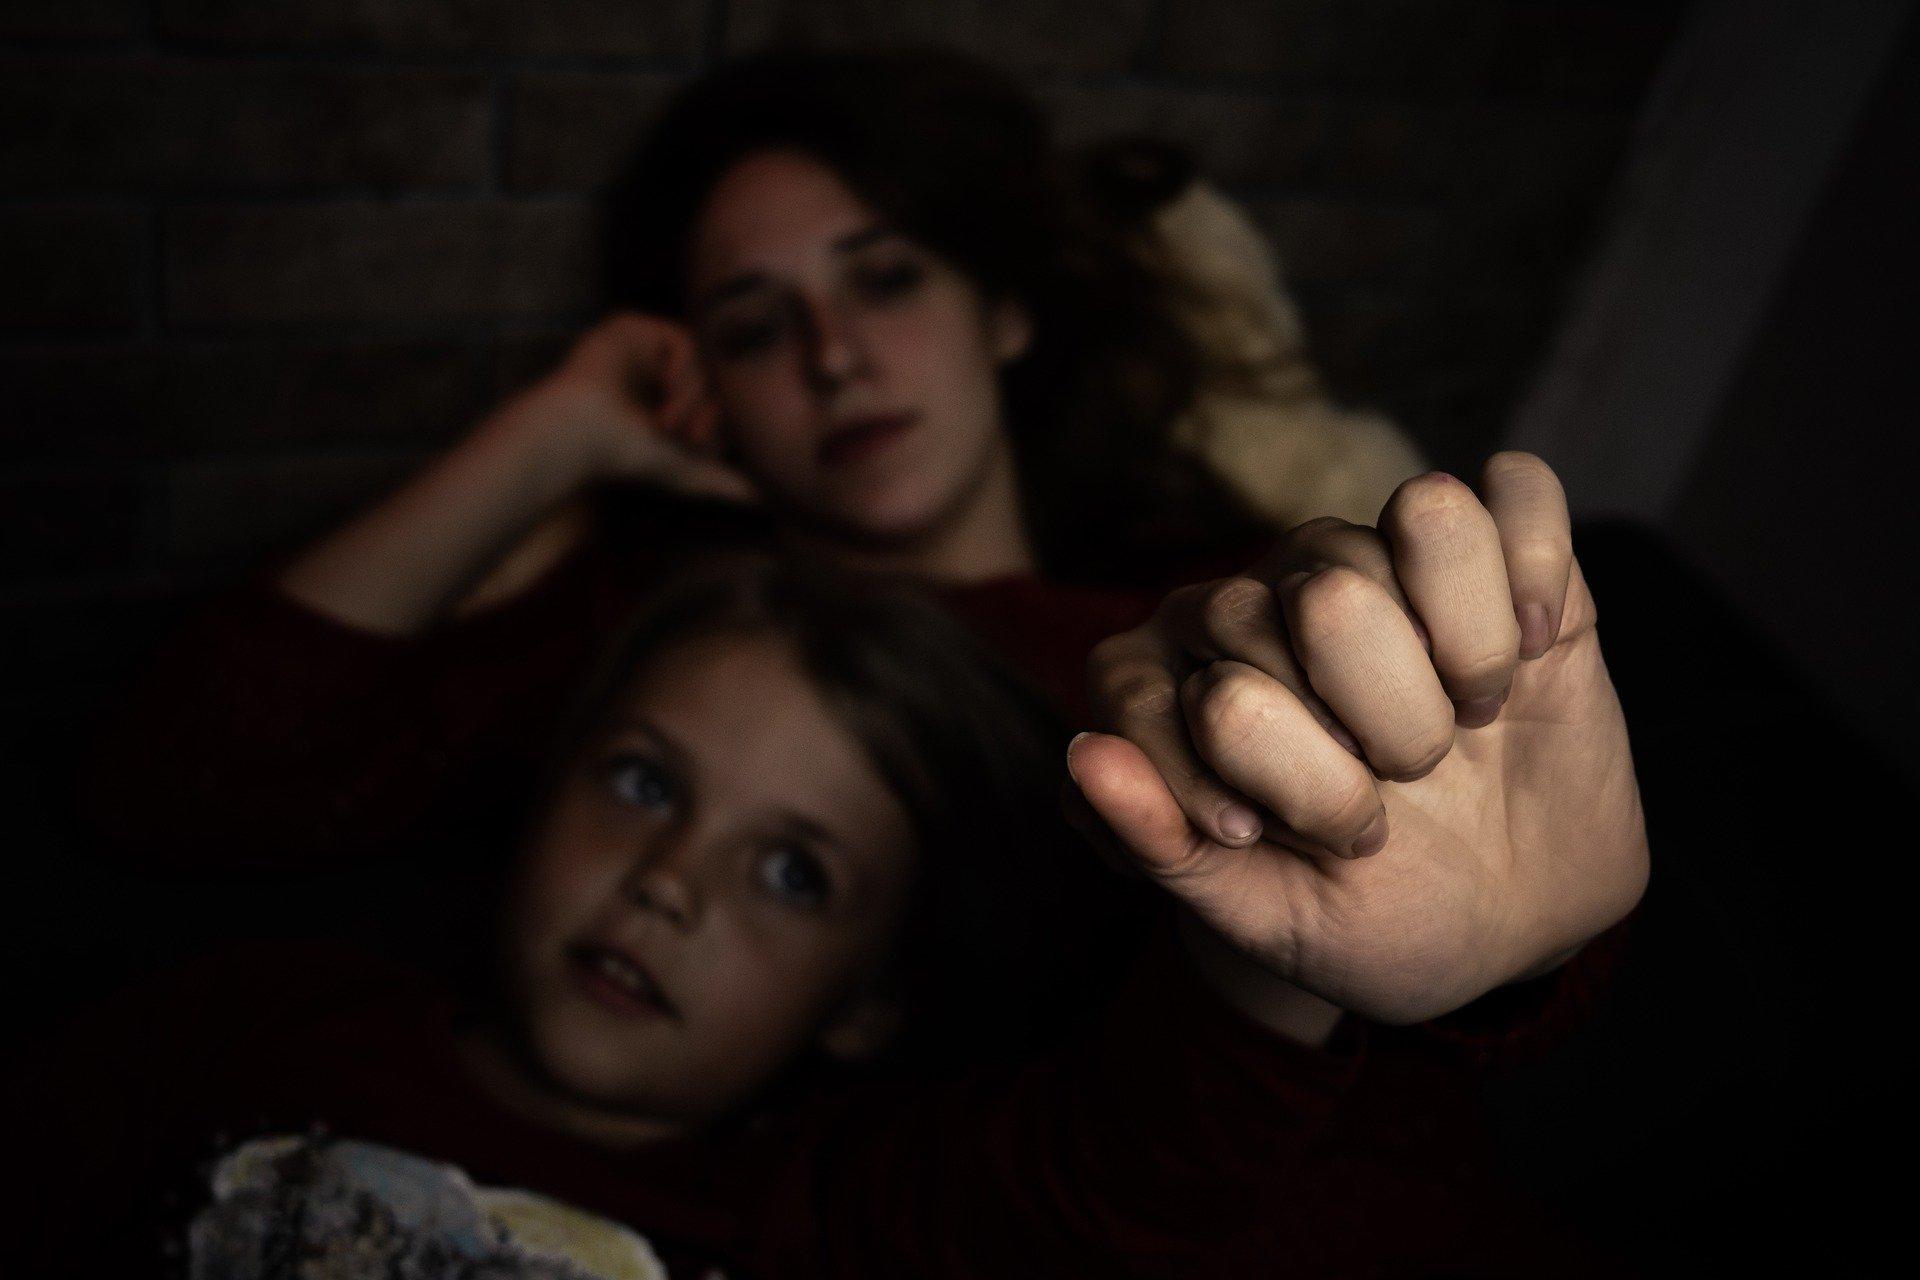 madre e figlio che si tengono per mano, in penombra